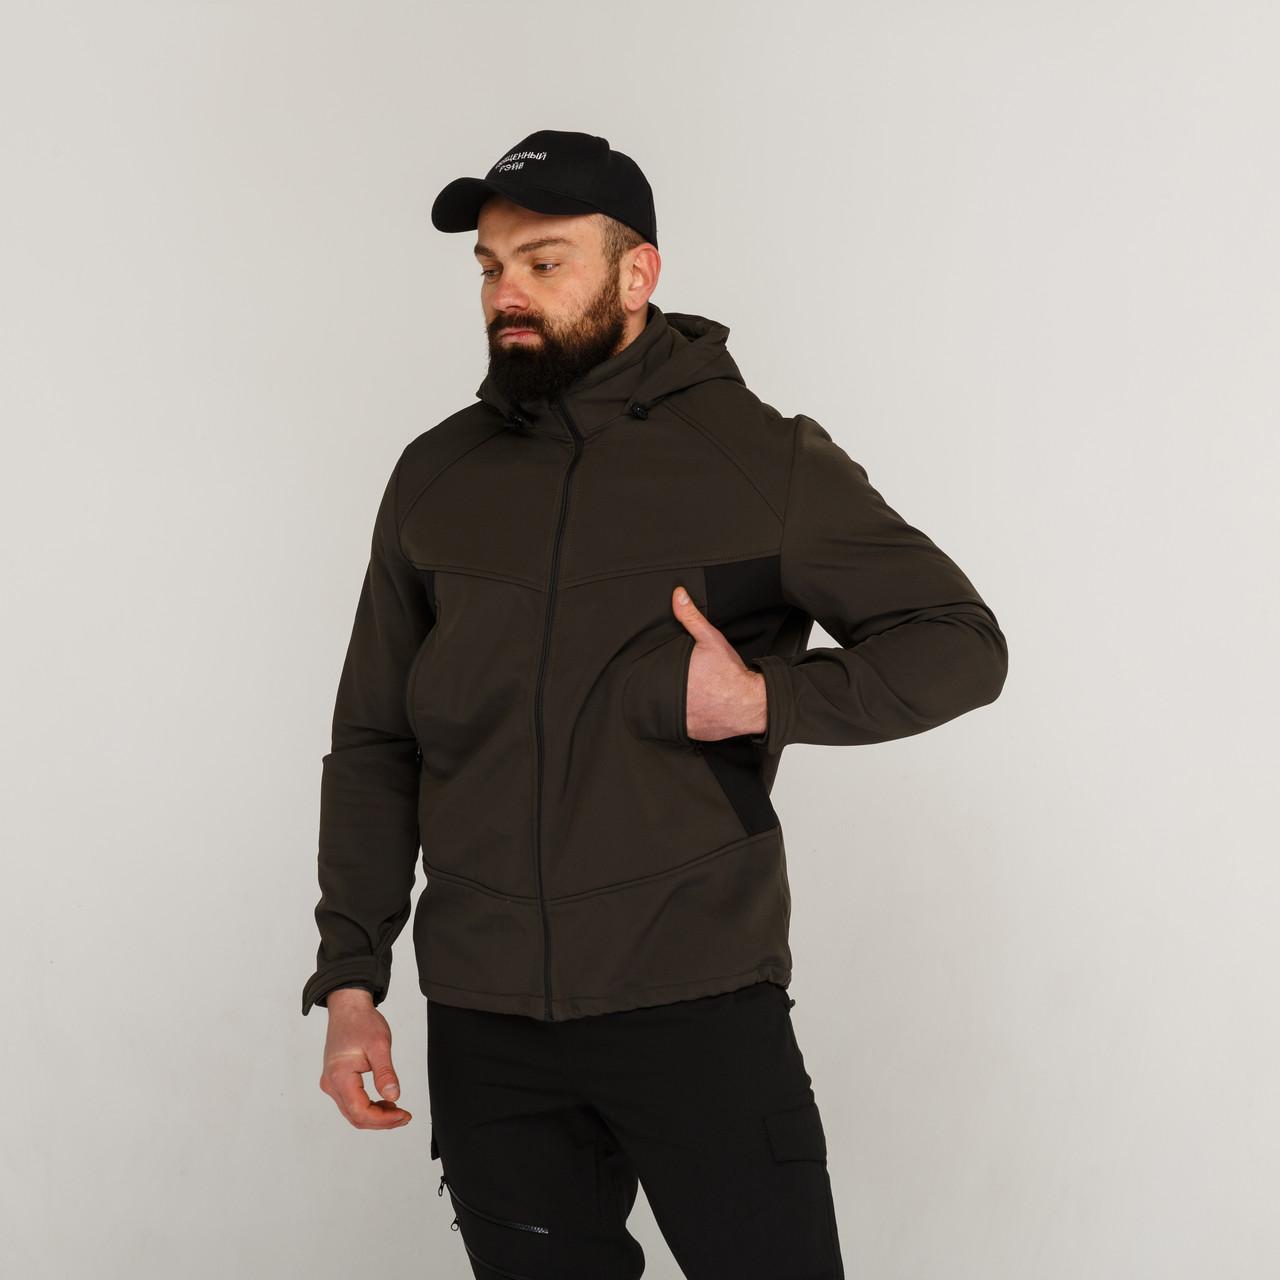 Демисезонная куртка мужская хаки +черный рукав от бренда ТУР модель Центурион (Cеnturion)